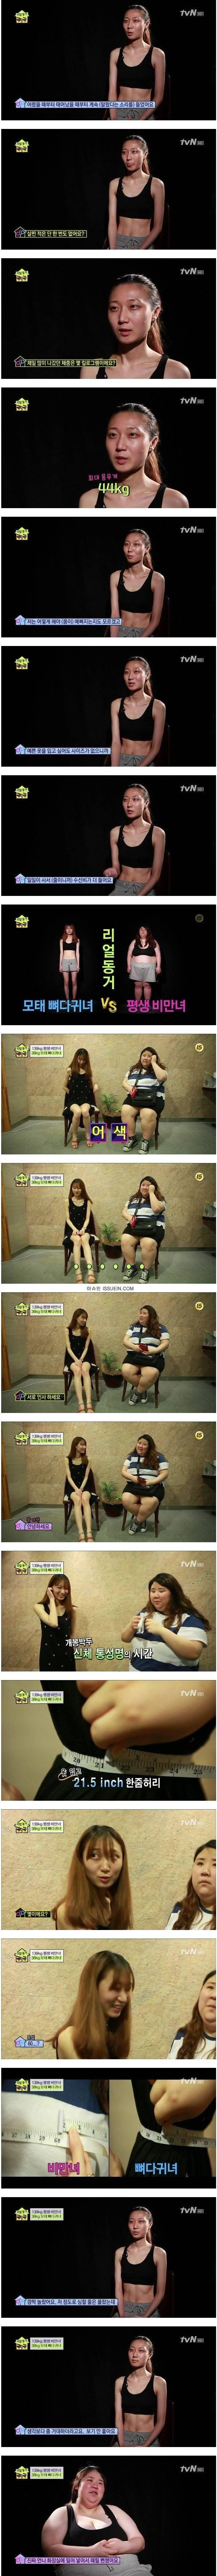 뼈다귀녀 vs 비만녀.jpg